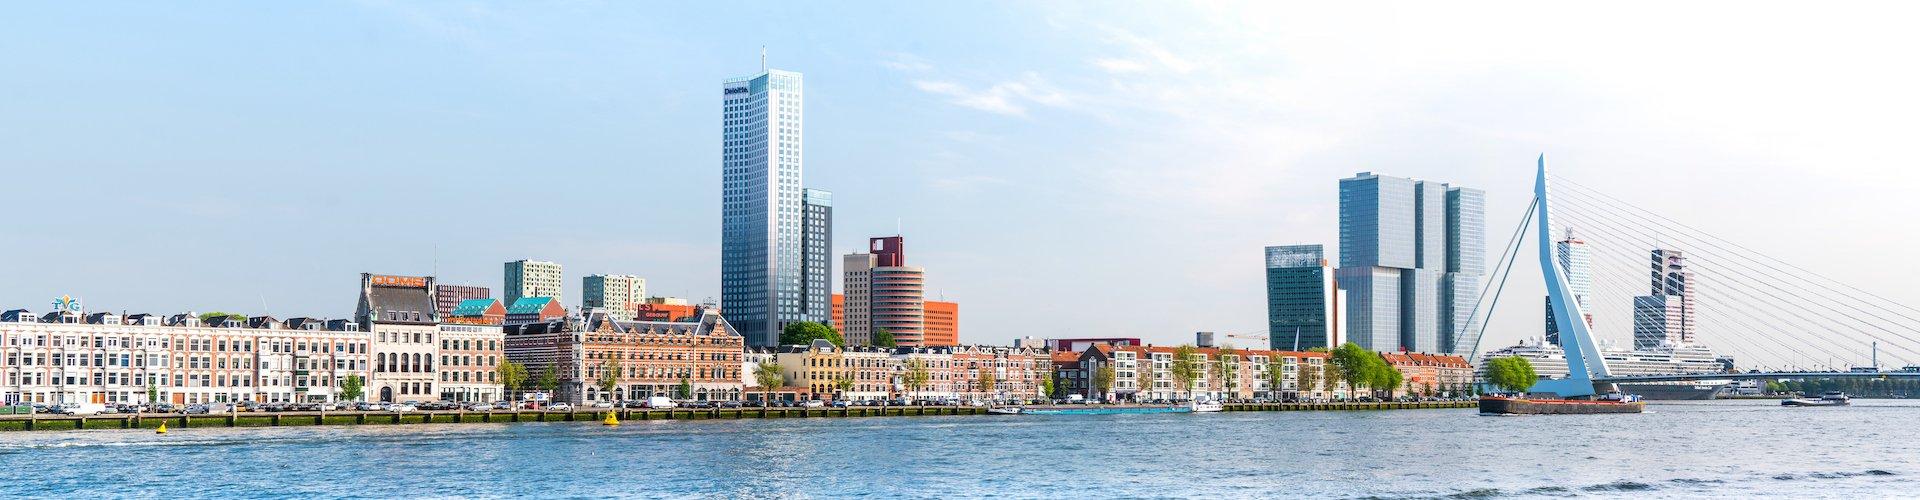 Ausflugsziel Rotterdam